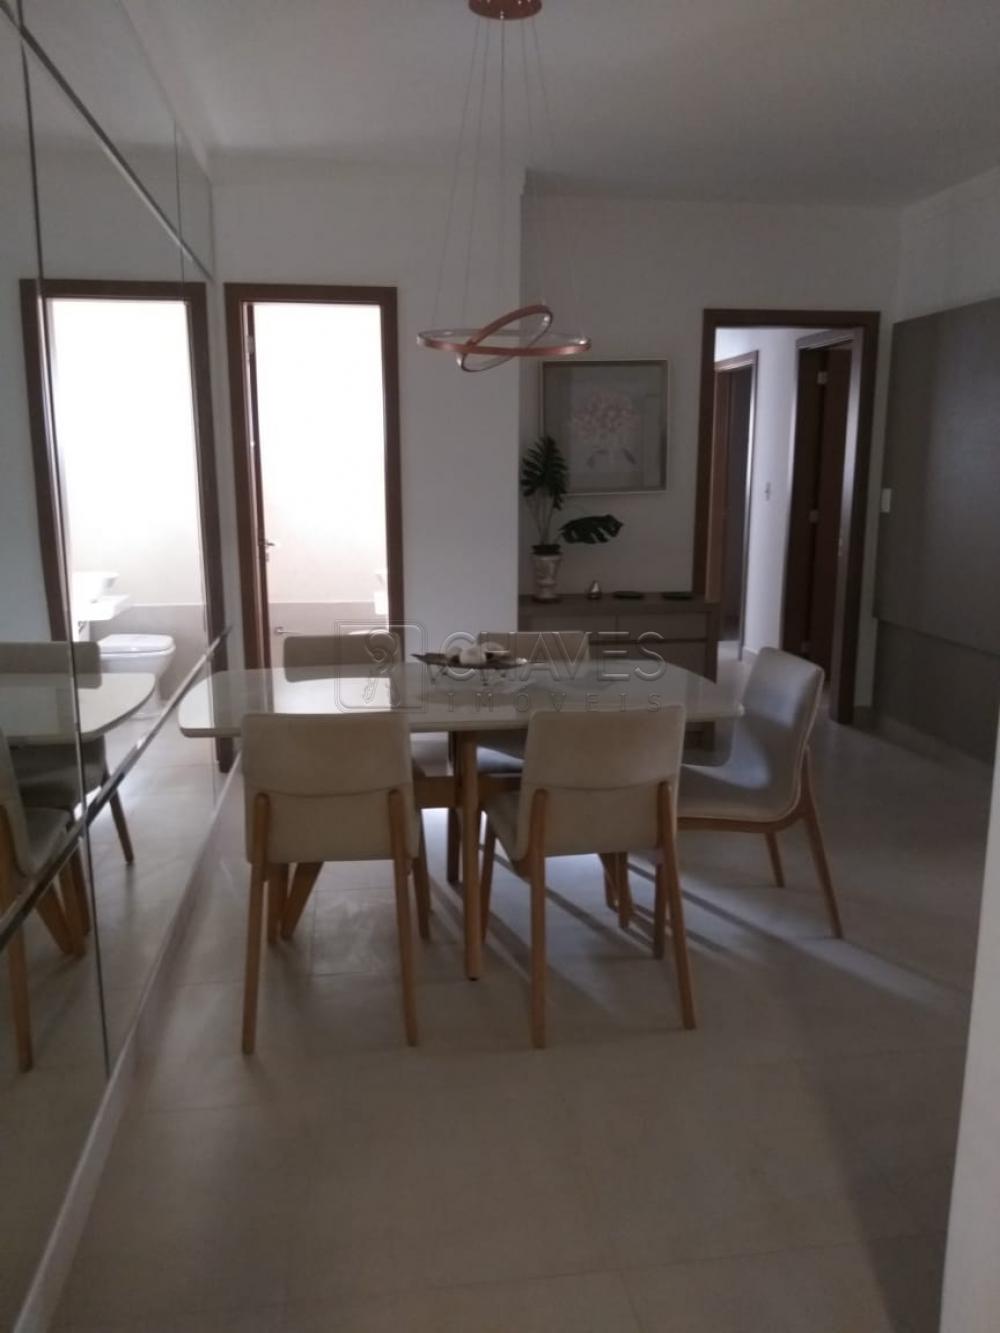 Comprar Apartamento / Padrão em Ribeirão Preto apenas R$ 586.450,00 - Foto 6